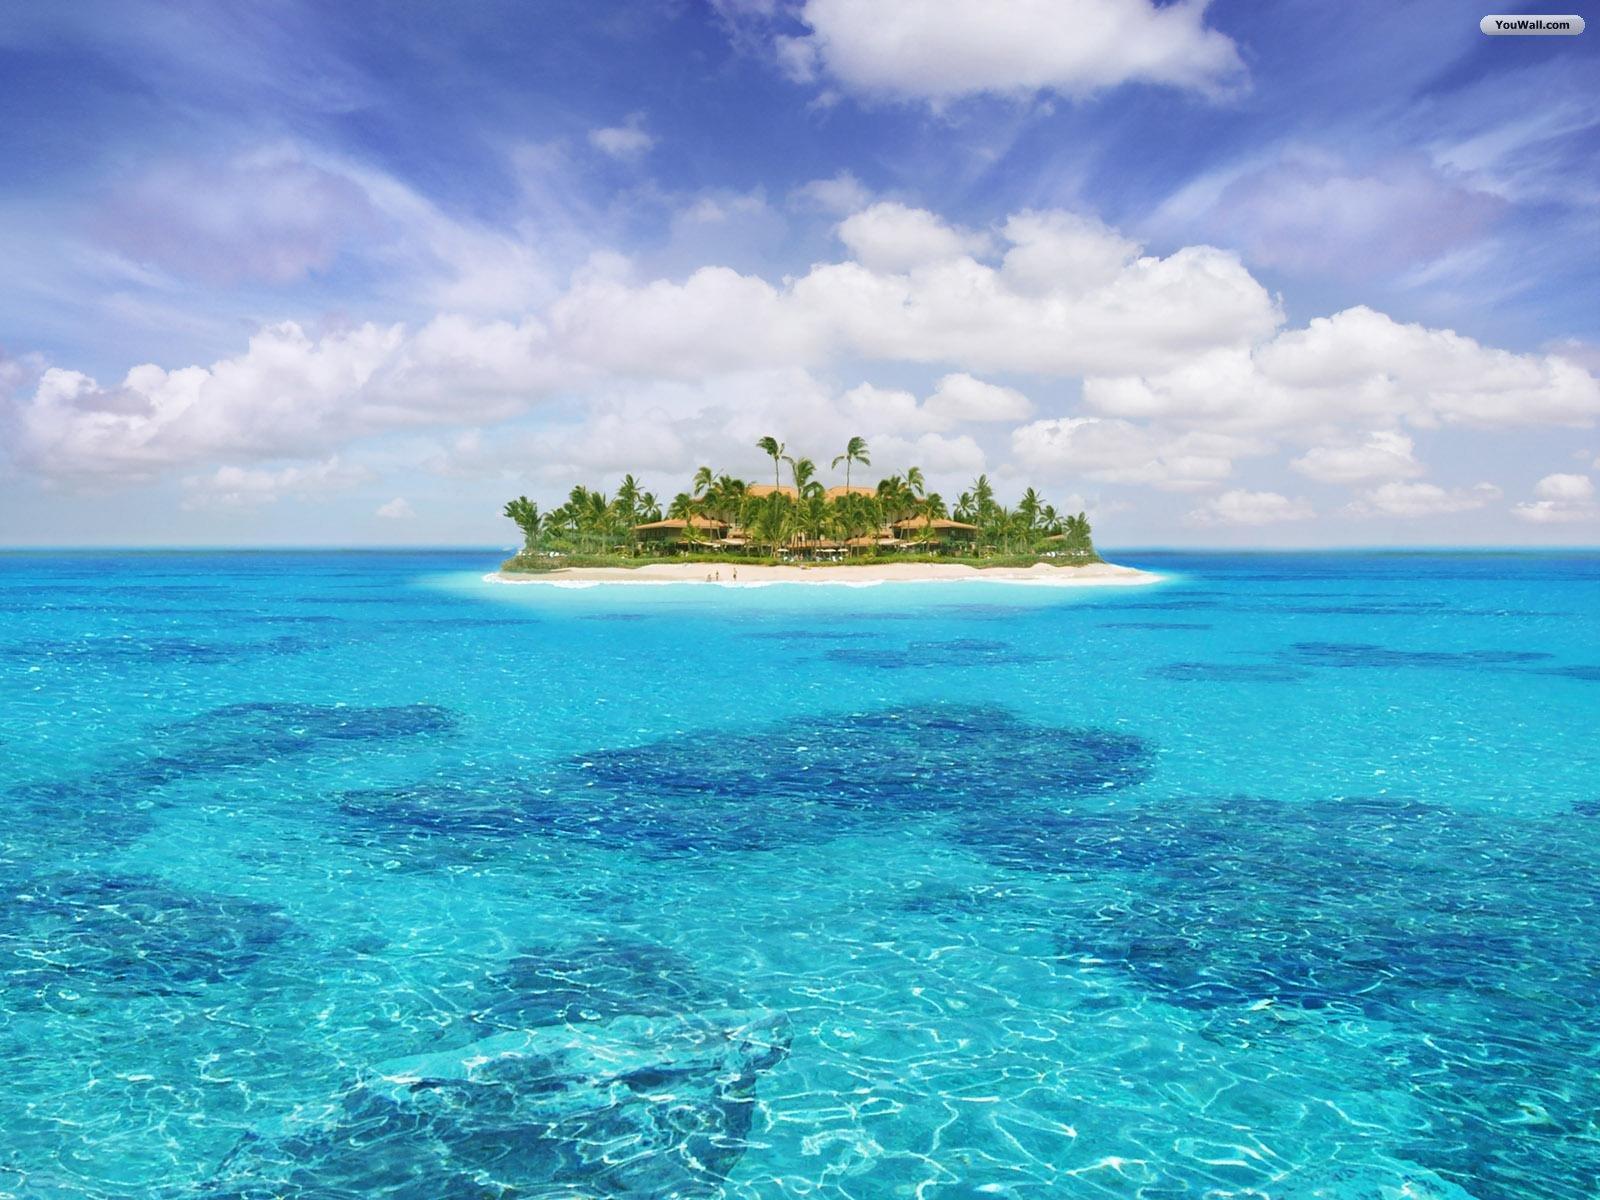 Paradise Jeu PC   Images vidos astuces et avis 1600x1200